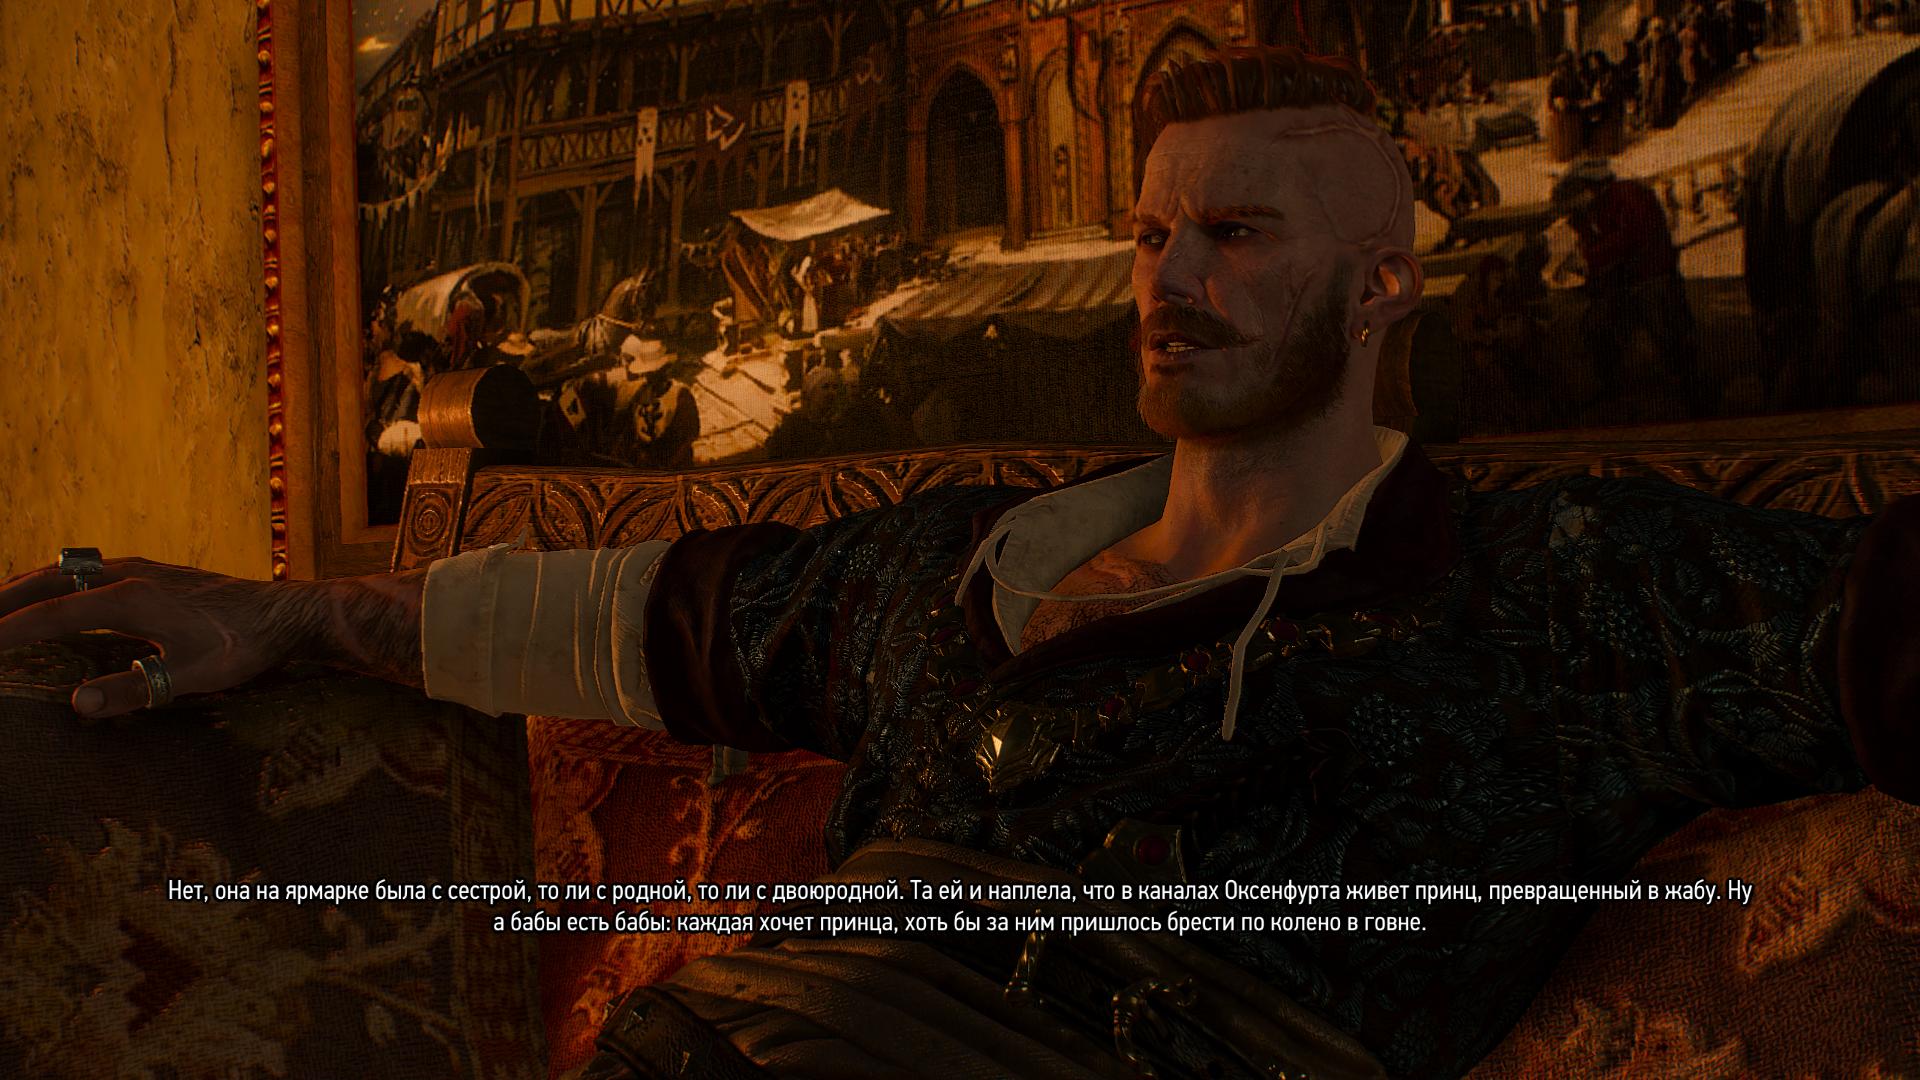 Невероятные приключения Геральда из Ривии - Witcher 3: Wild Hunt, the